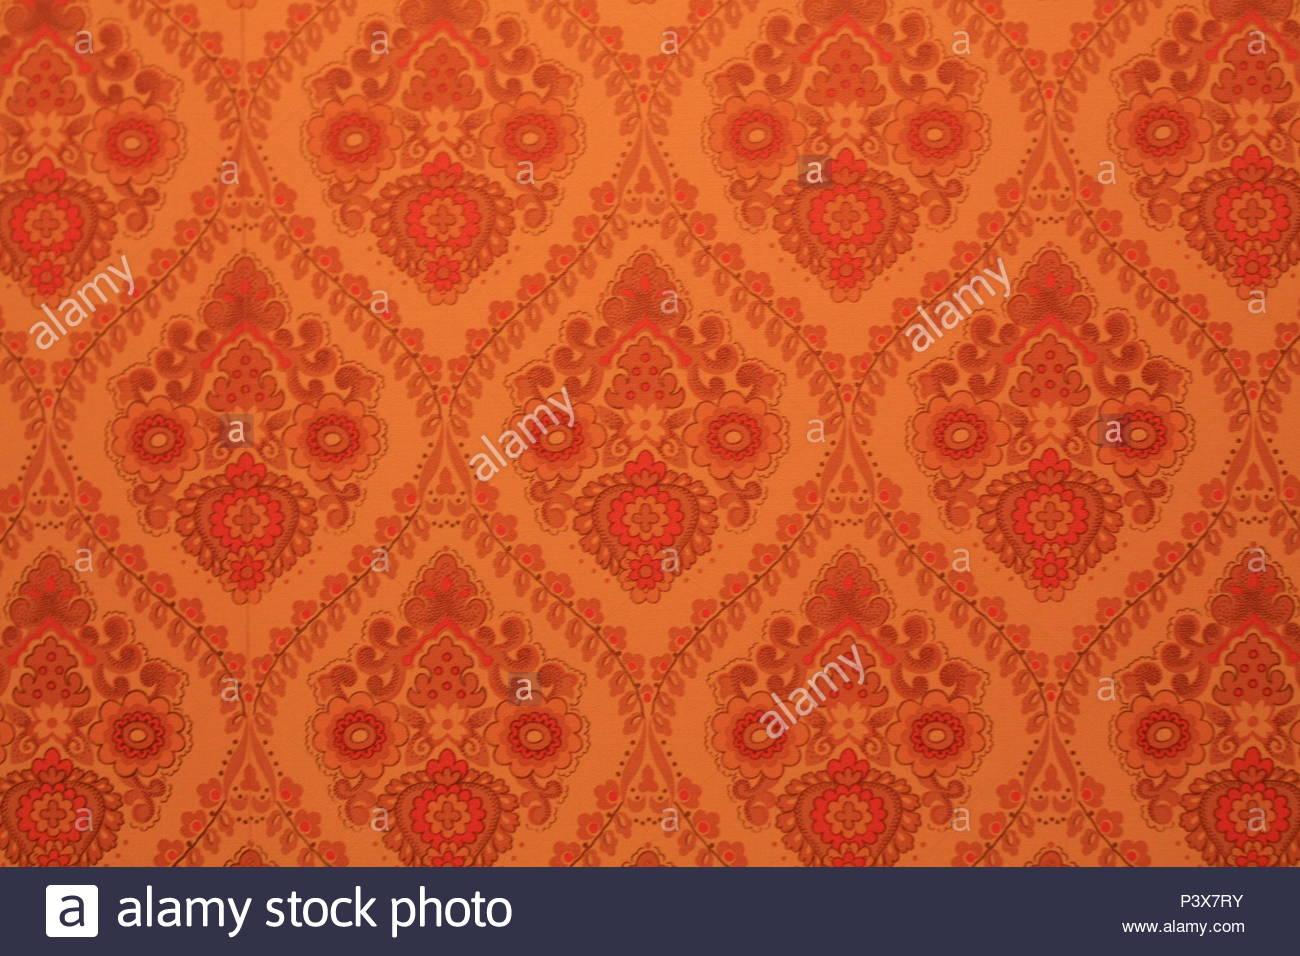 Orange 70er Jahre Tapete mit wiederkehrenden Paisley-muster ...